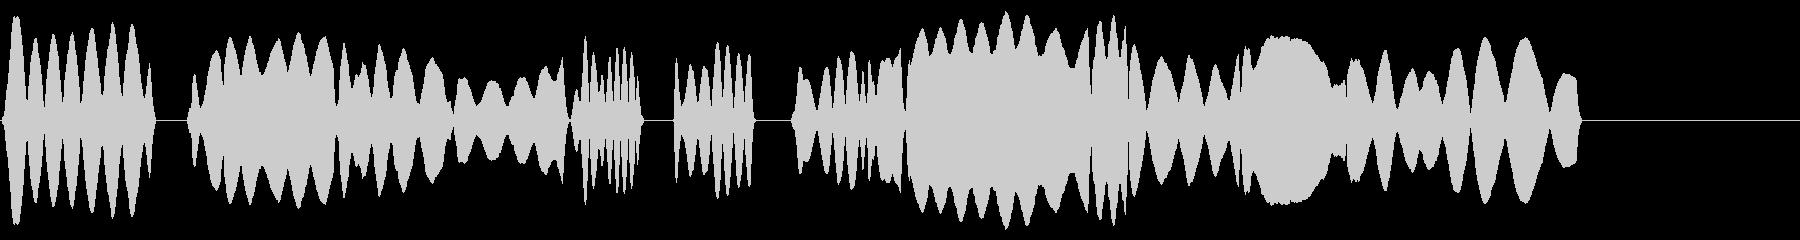 校歌風ヘタウマリコーダーのみのジングルの未再生の波形